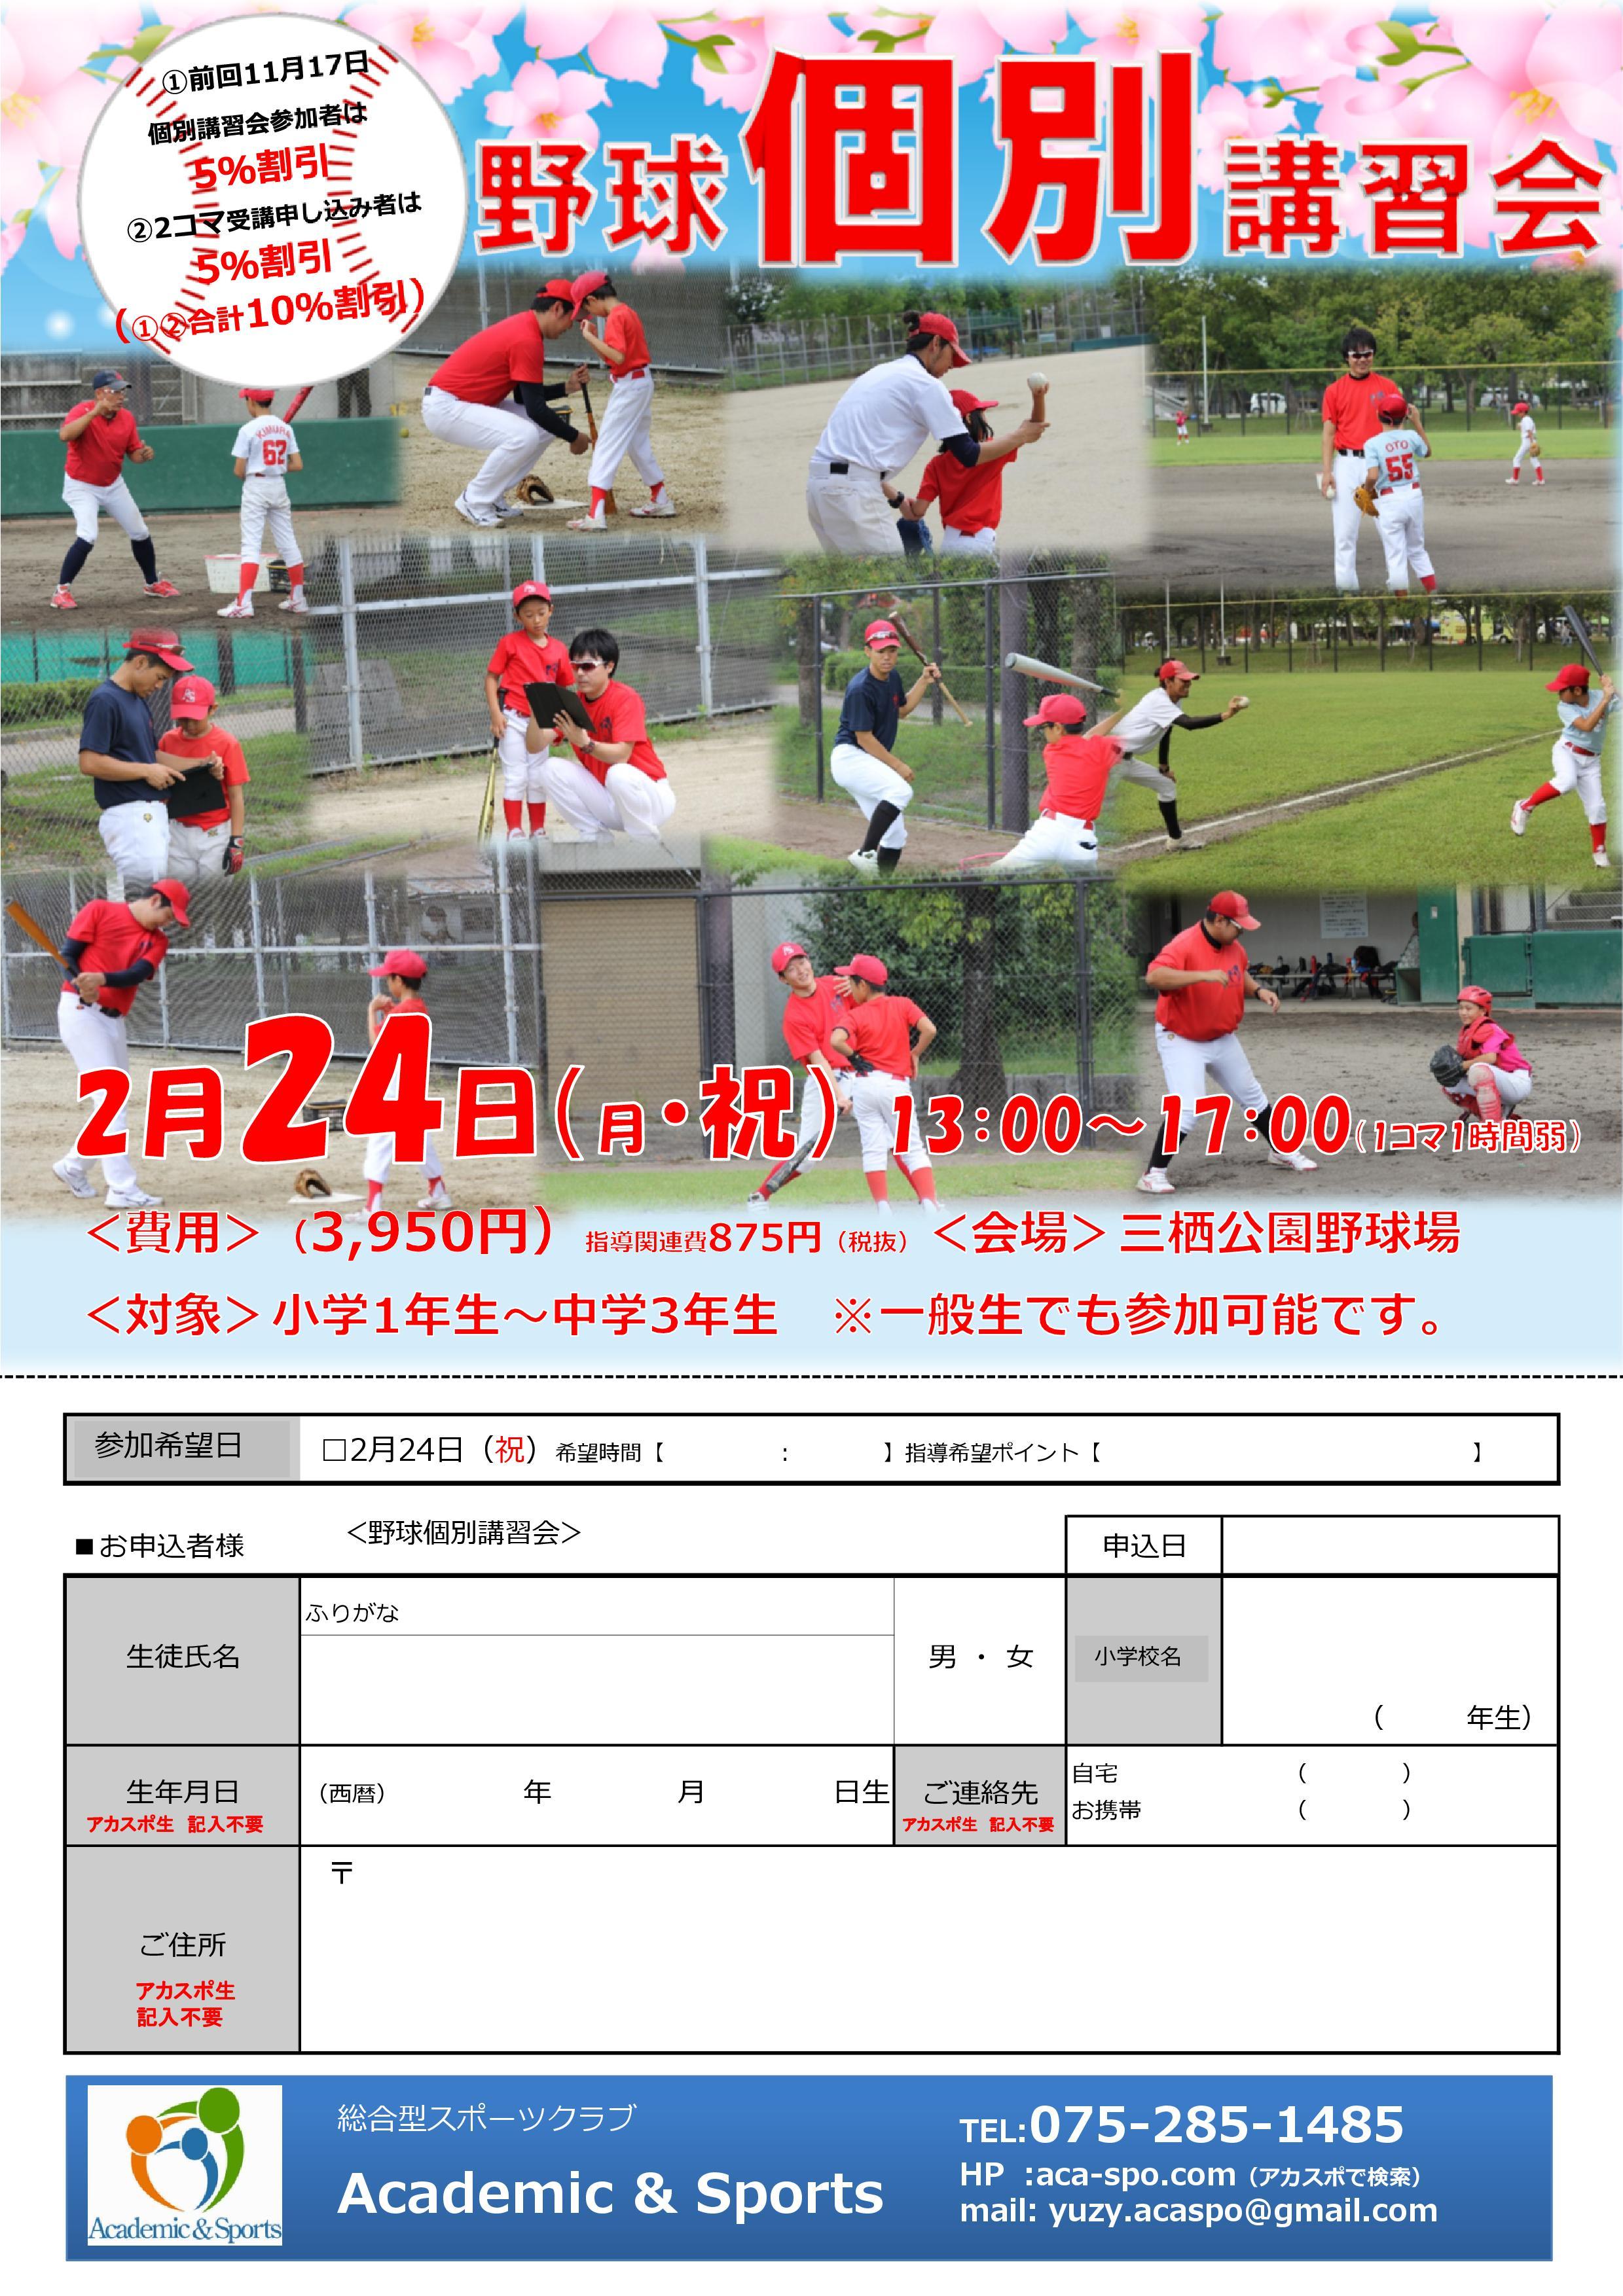 【野球S】野球個別講習会(2月24日【祝】)